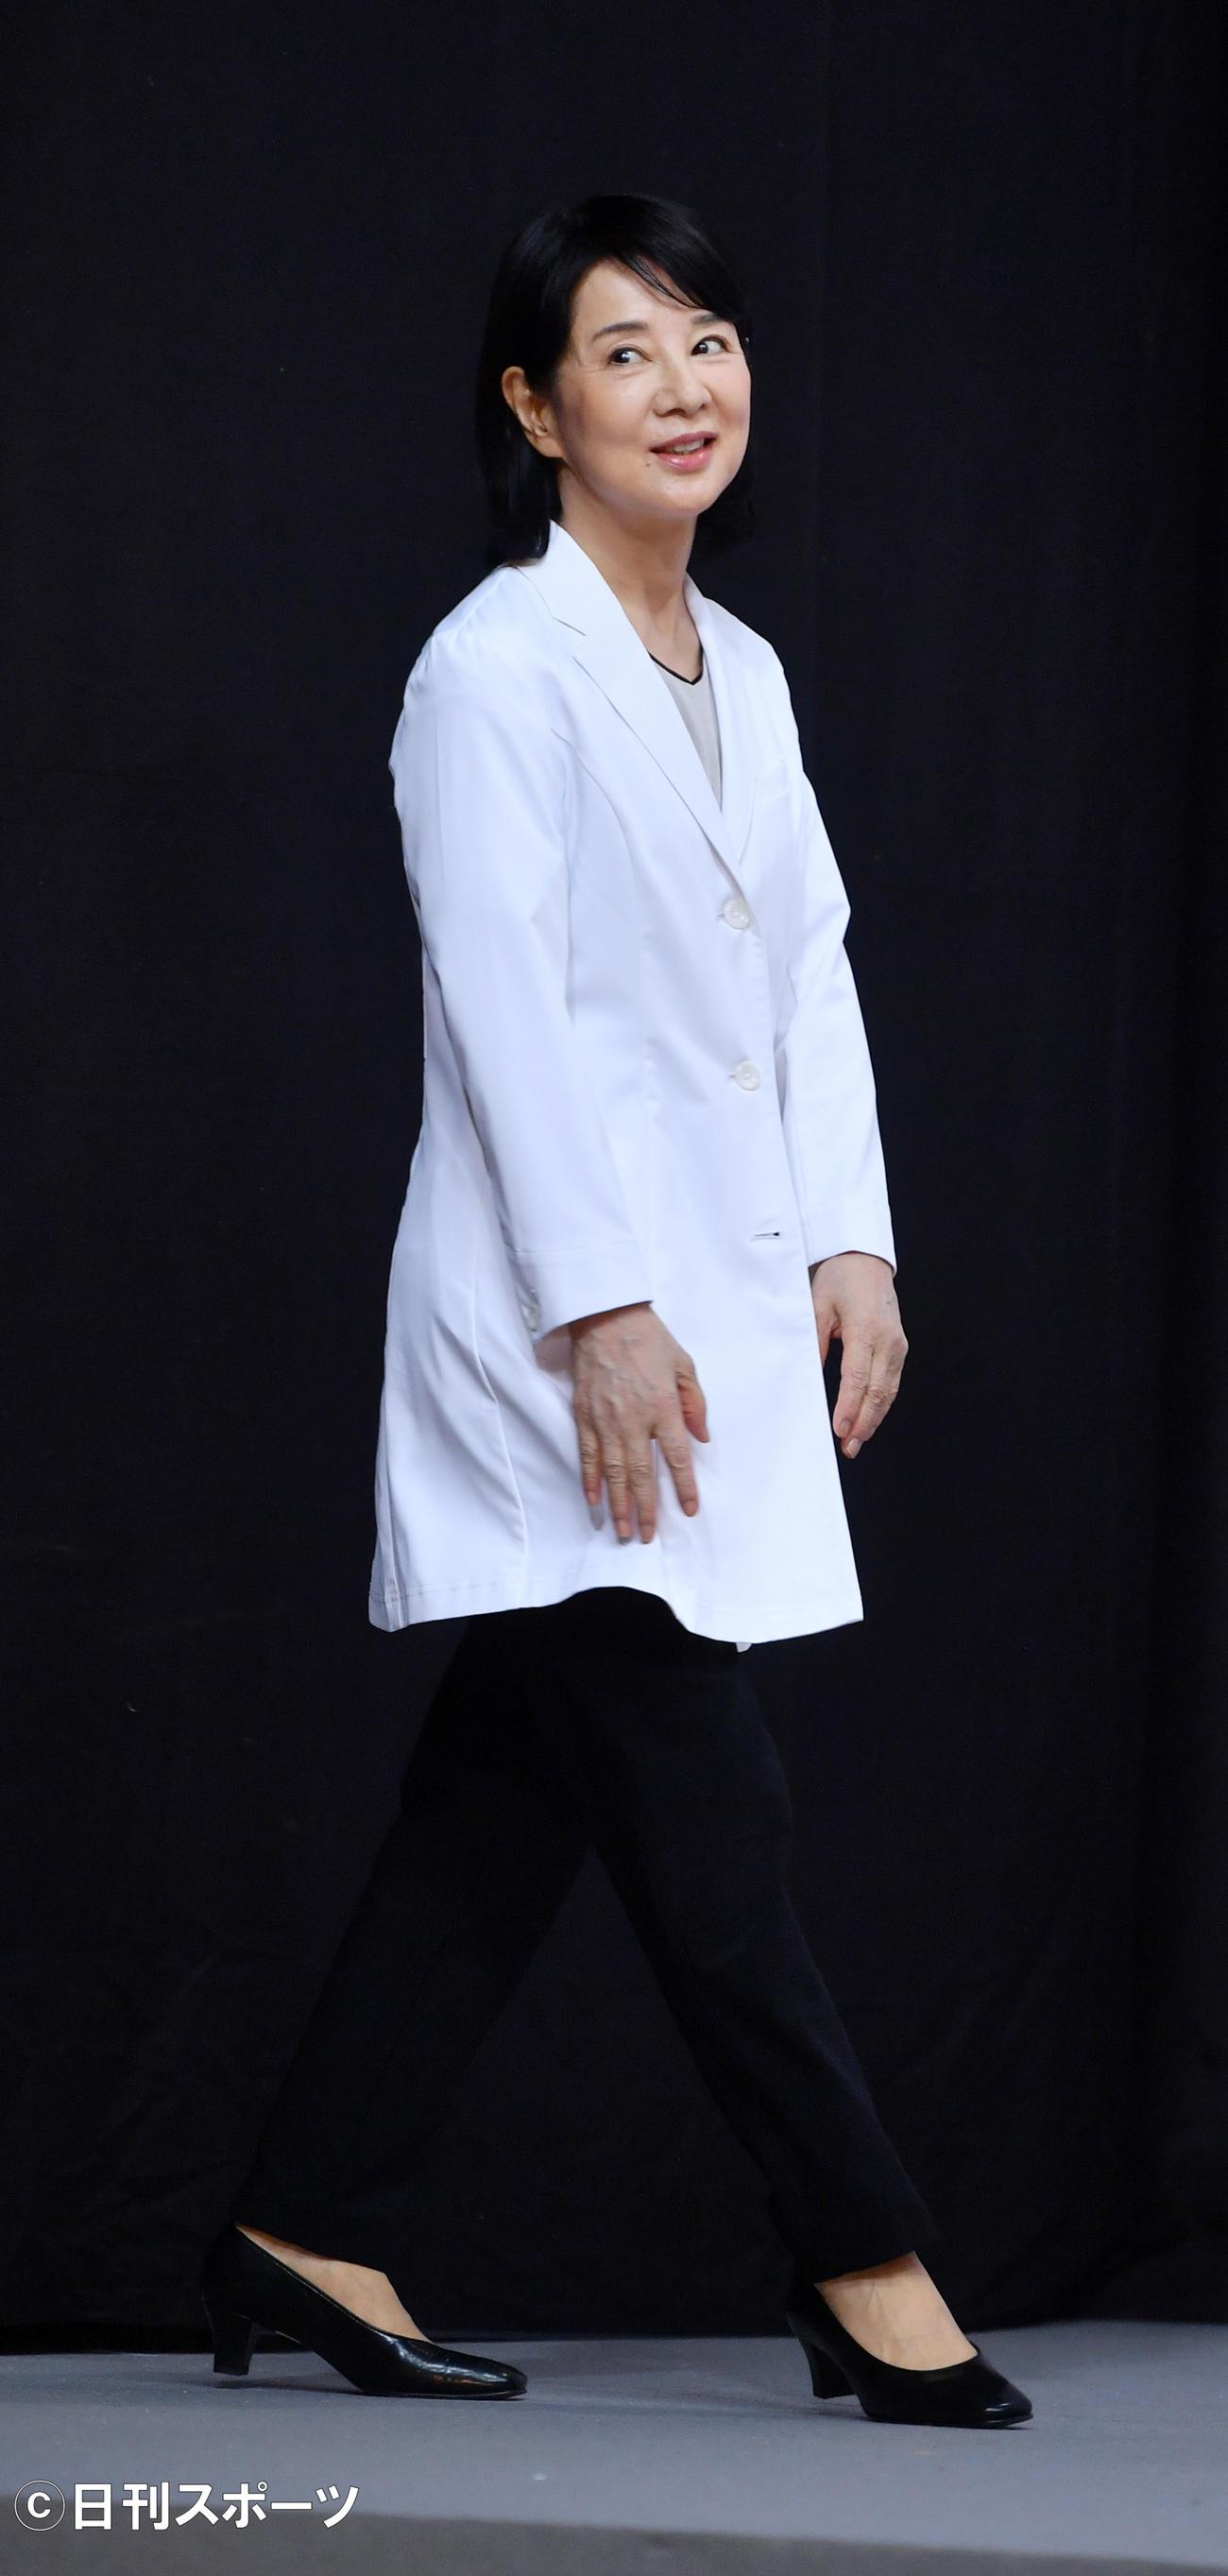 映画「いのちの停車場」の撮影現場会見で登壇する吉永小百合(撮影・柴田隆二)